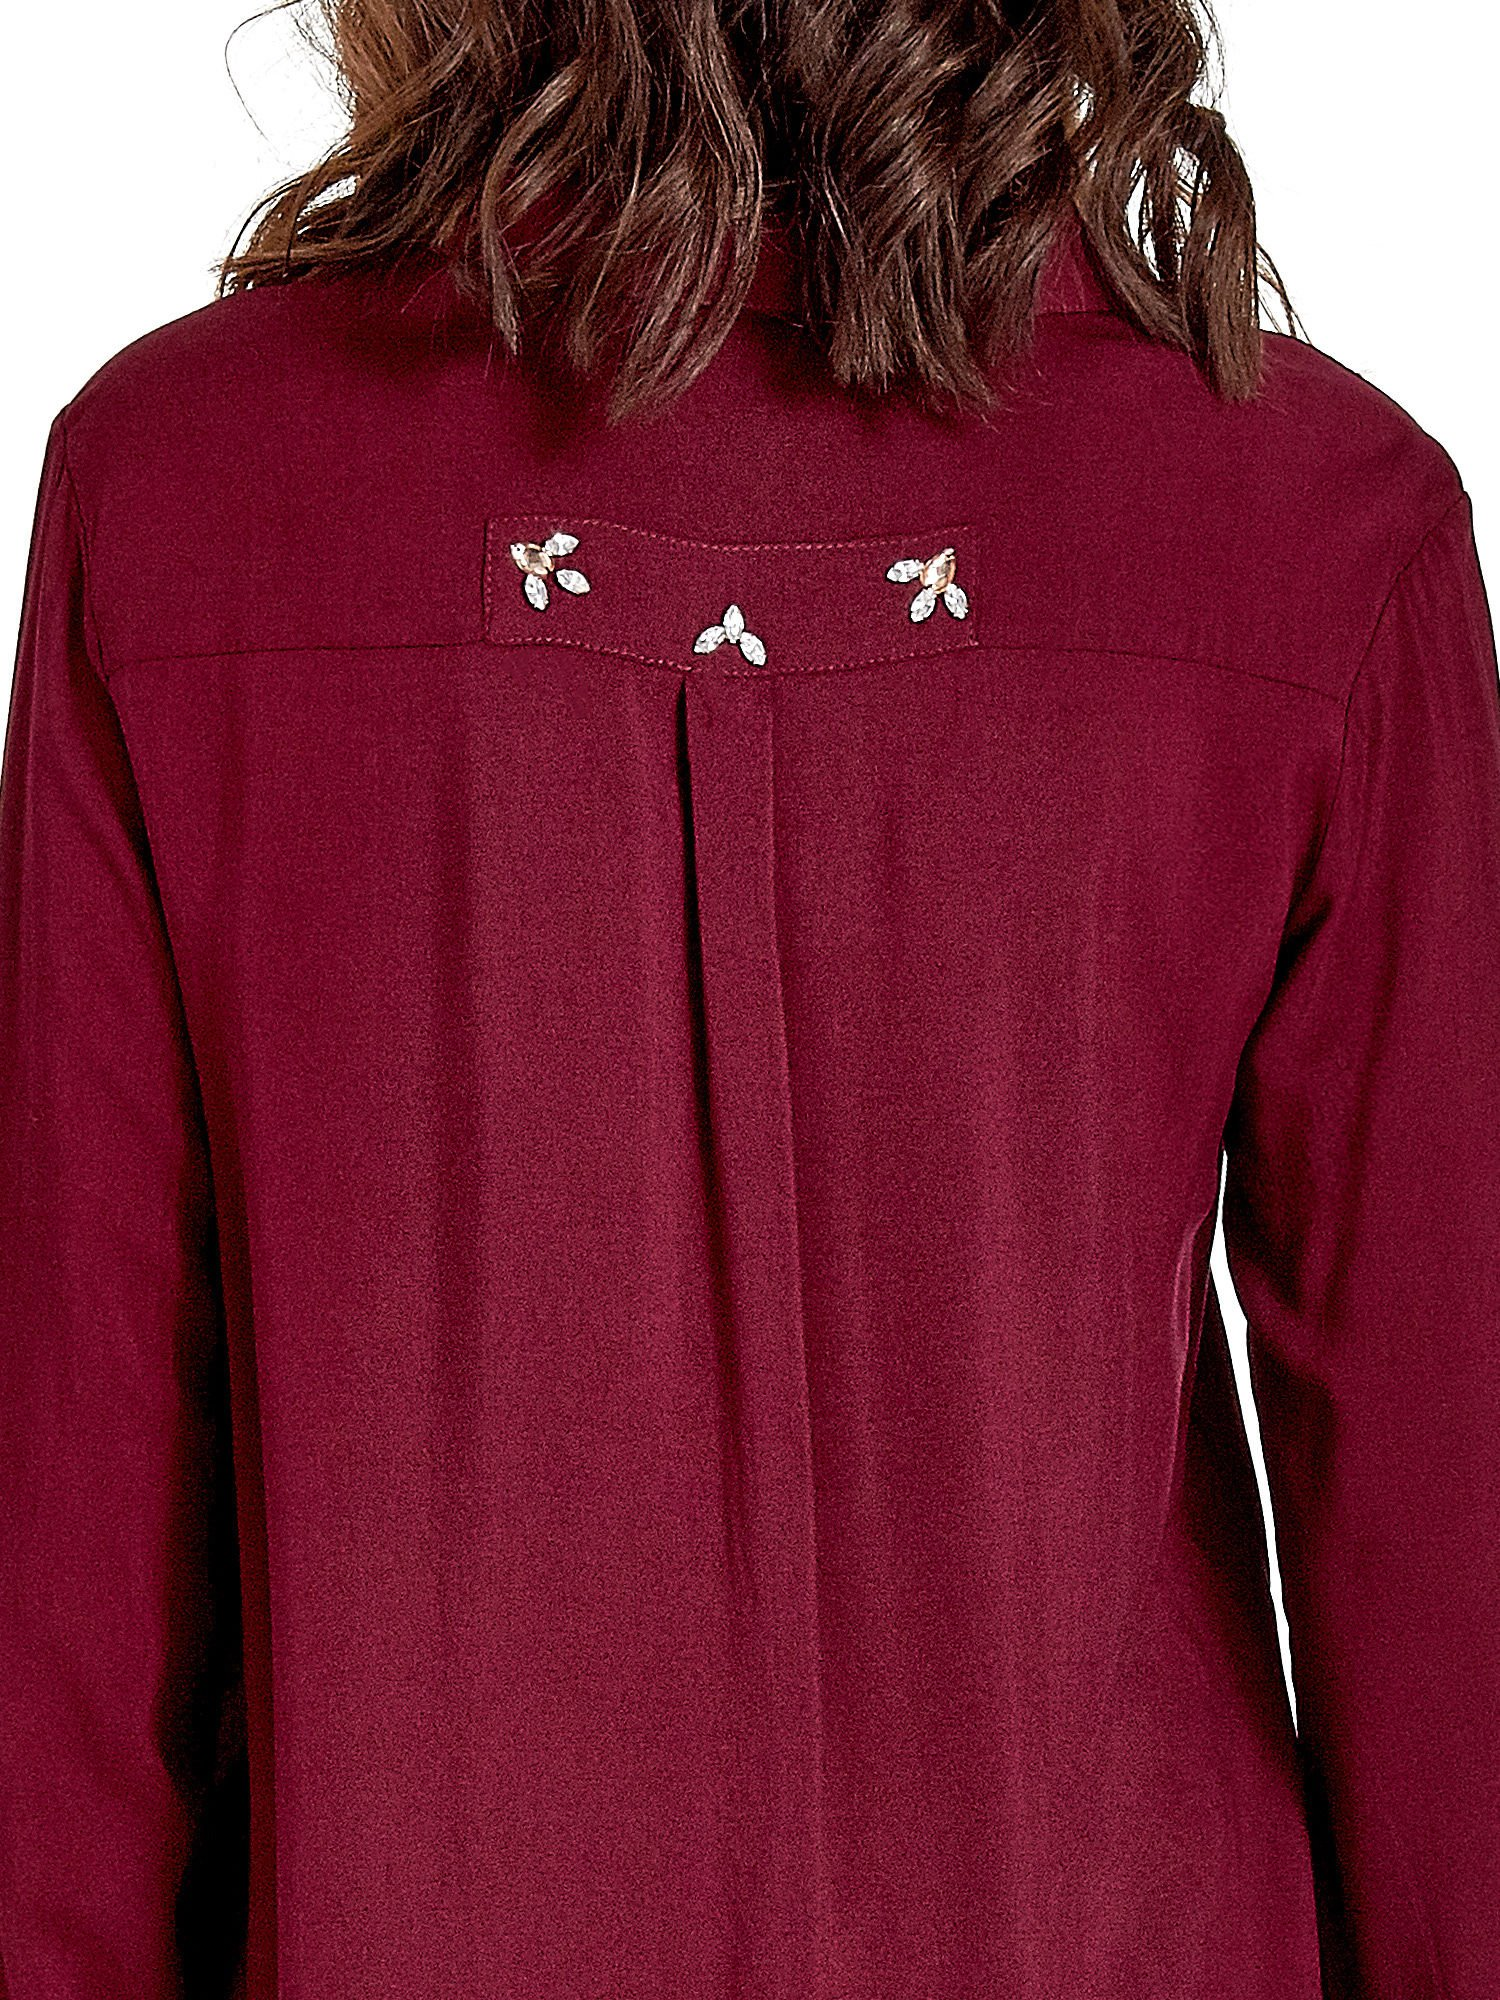 Bordowa koszula z biżuteryjną kieszonką                                  zdj.                                  7